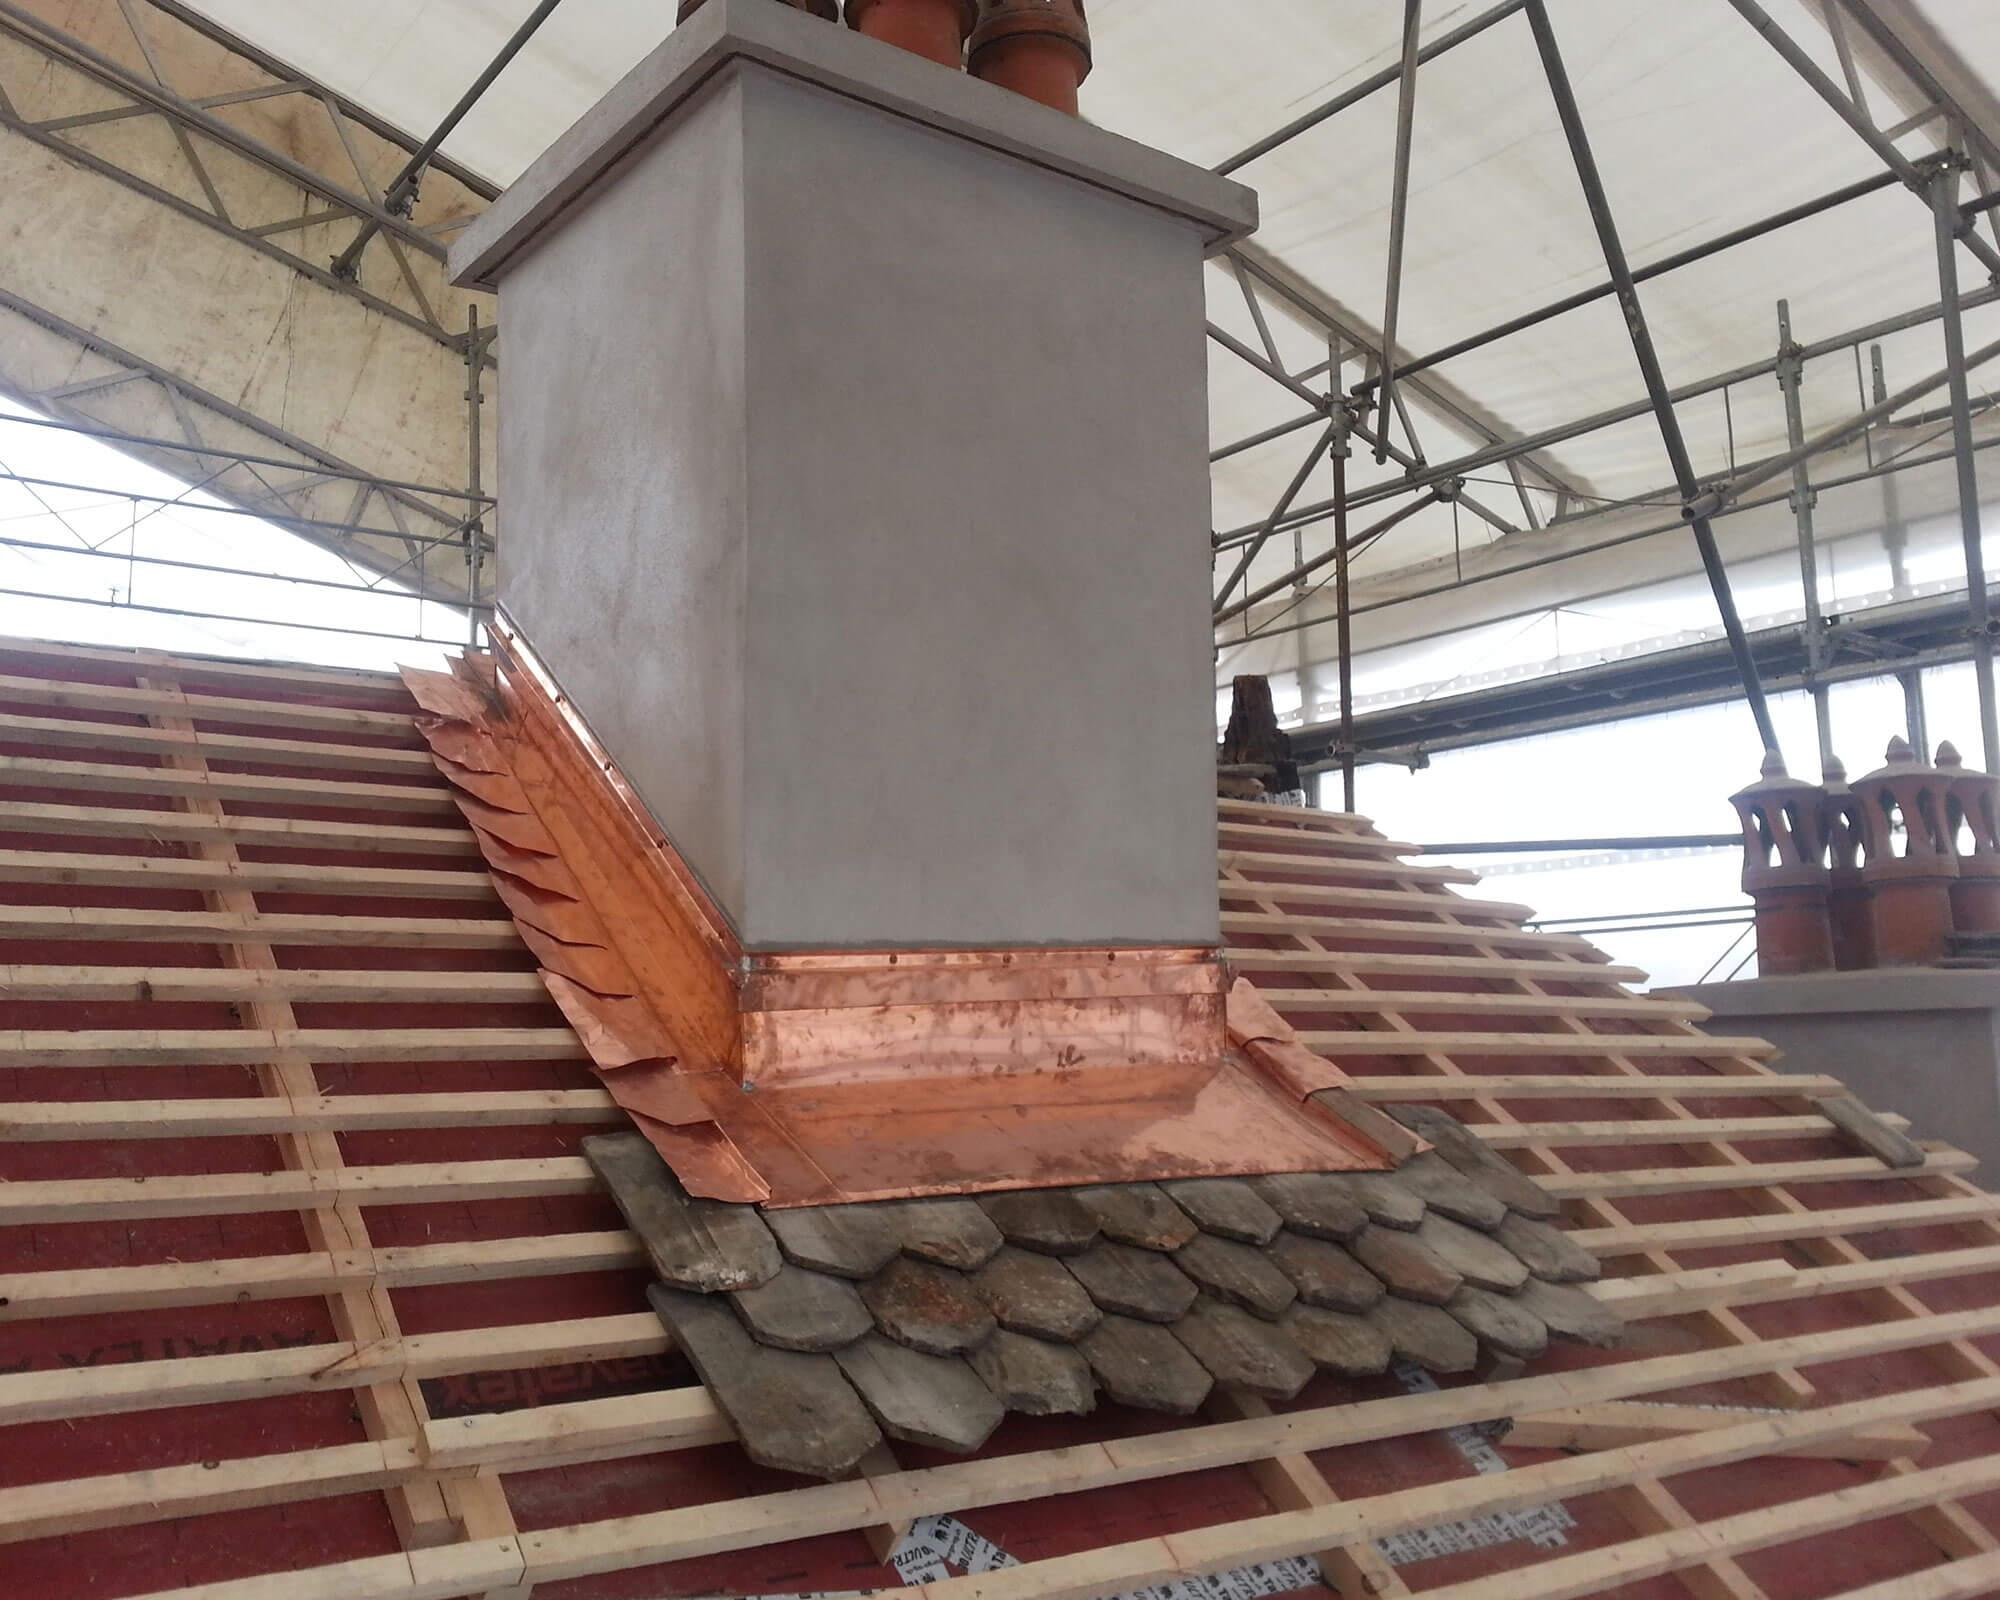 Couverture de cheminée en cuivre - Kroepfli Toiture